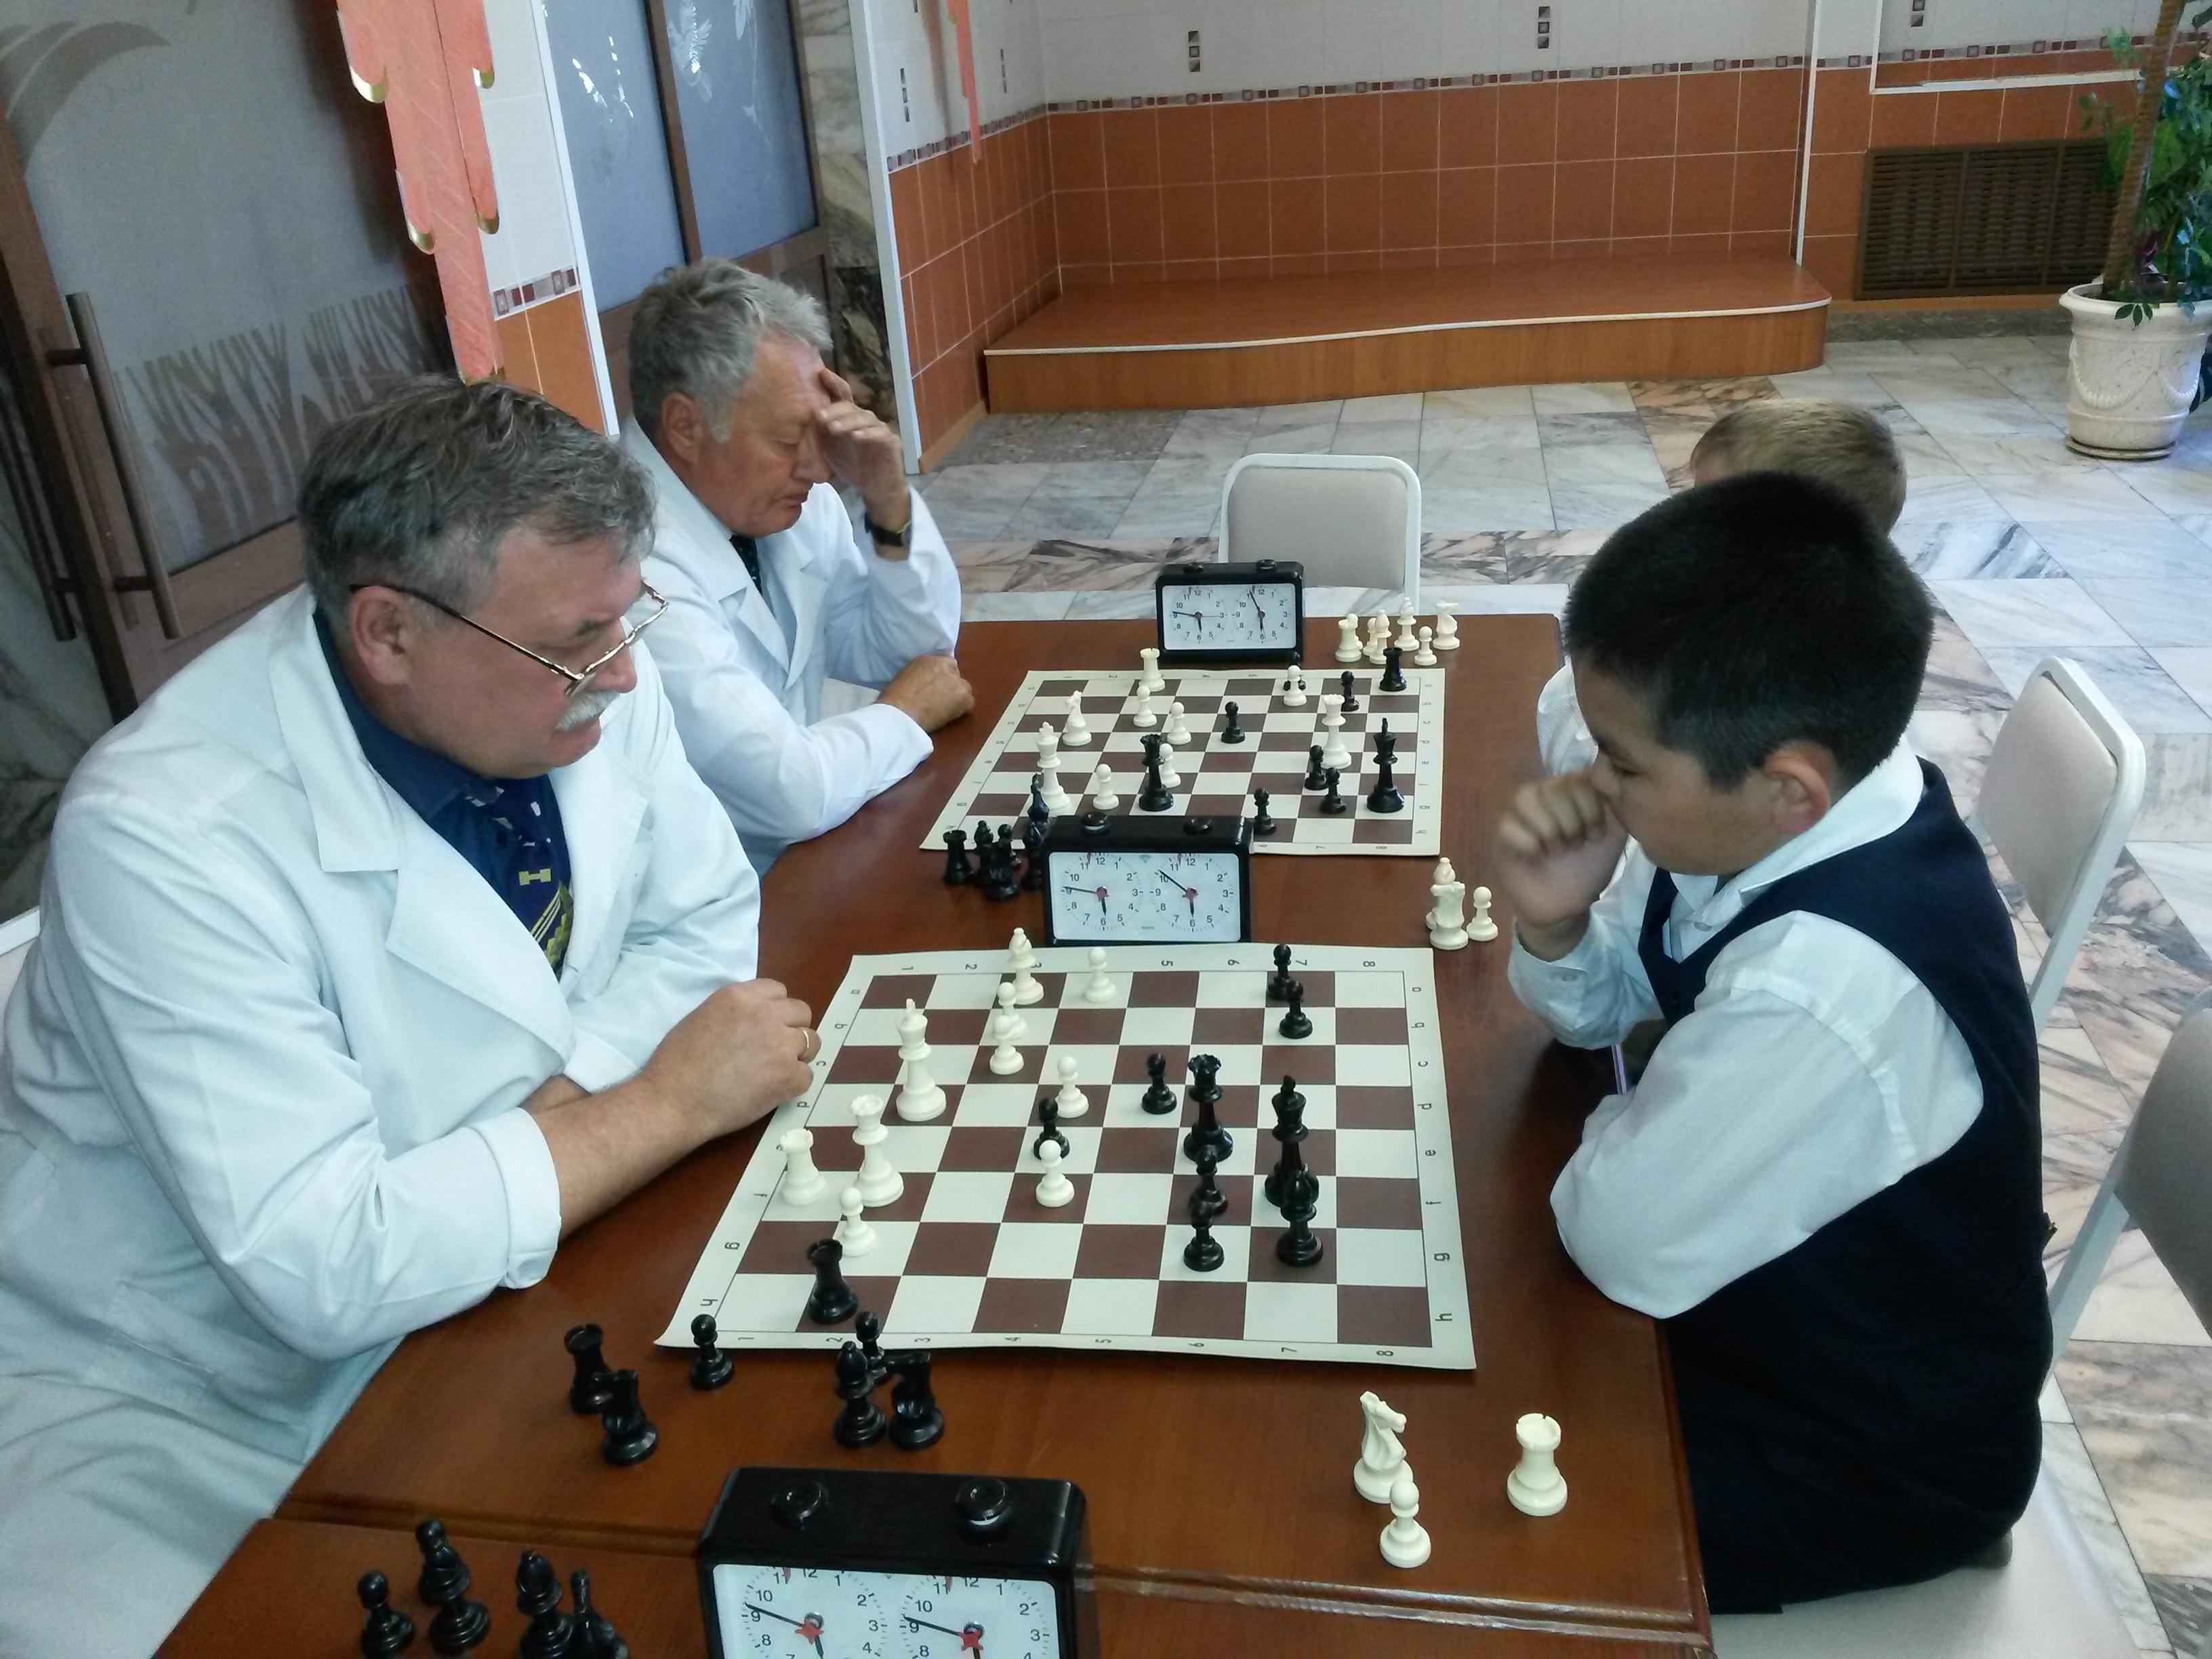 Капитаны своих команд Александр Перцев(слева) и Михаил Канзычаков. На этот раз молодость взяла вверх!